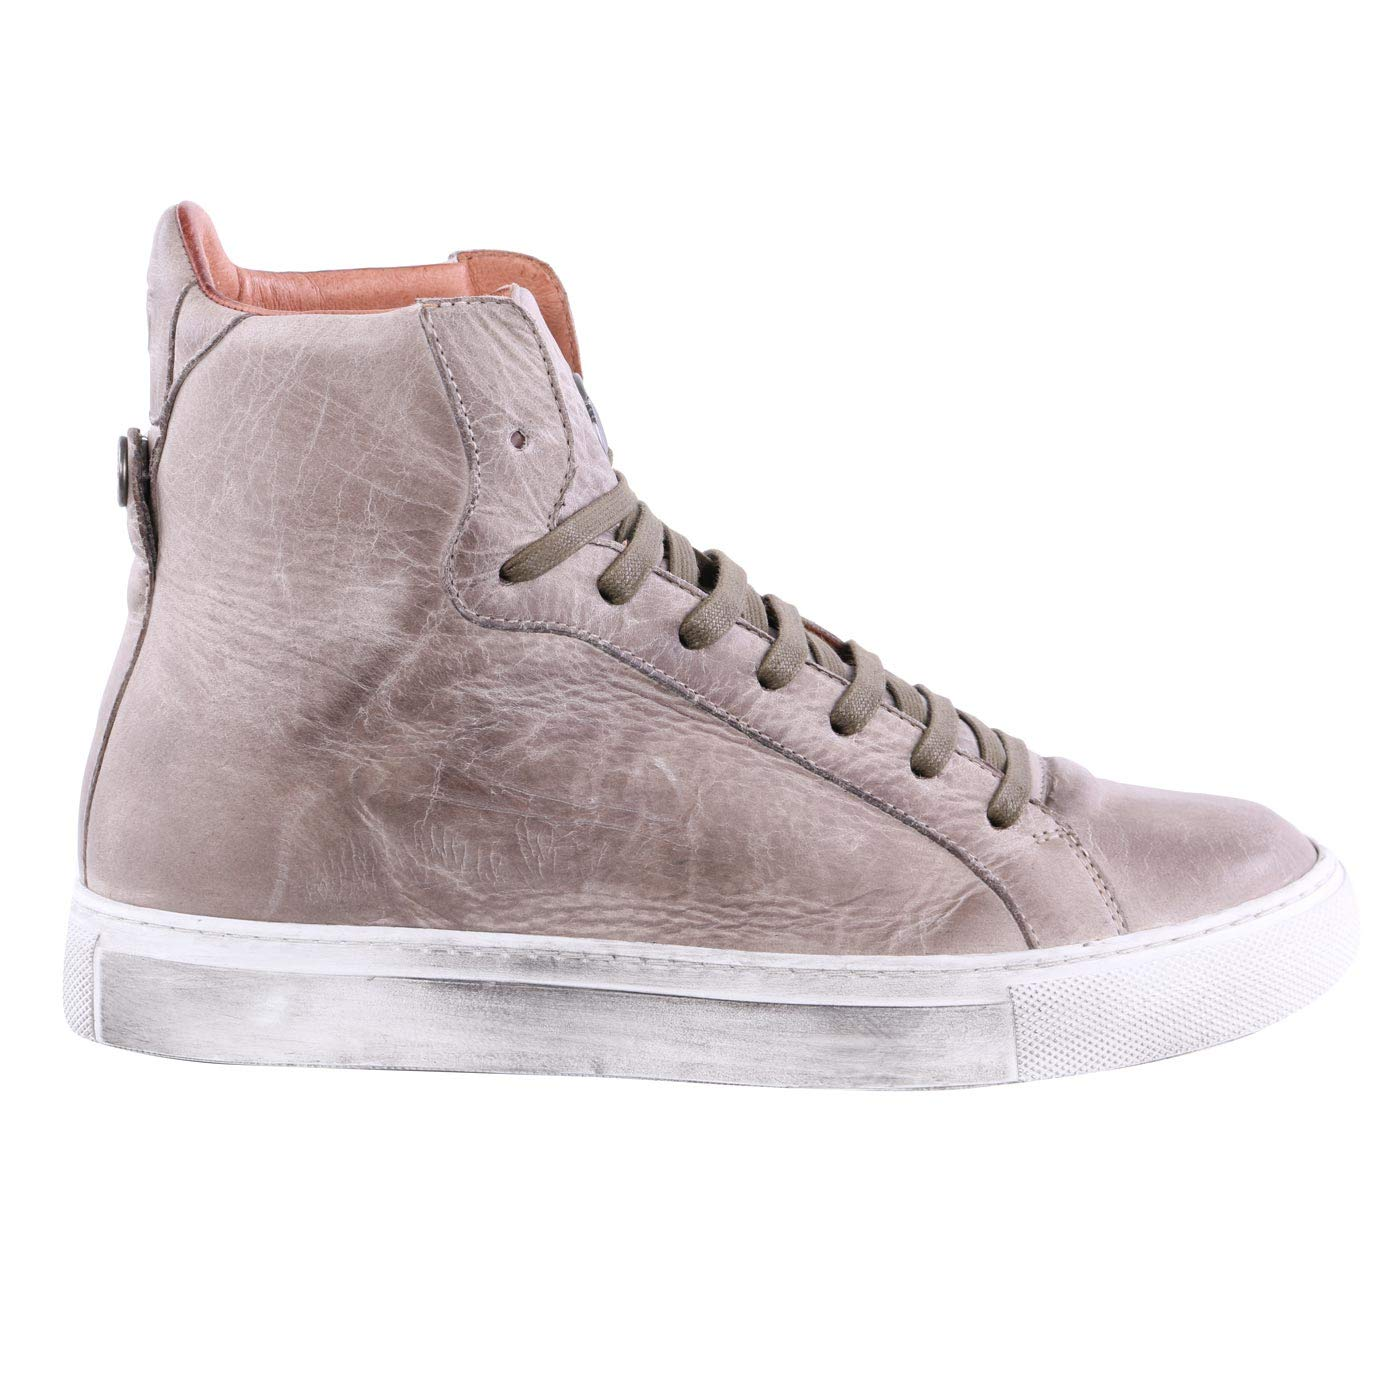 Matchless Damen Leder Turnschuhe Schuhe Lewis HIGH Dark Mud 142051-1 Größe 37